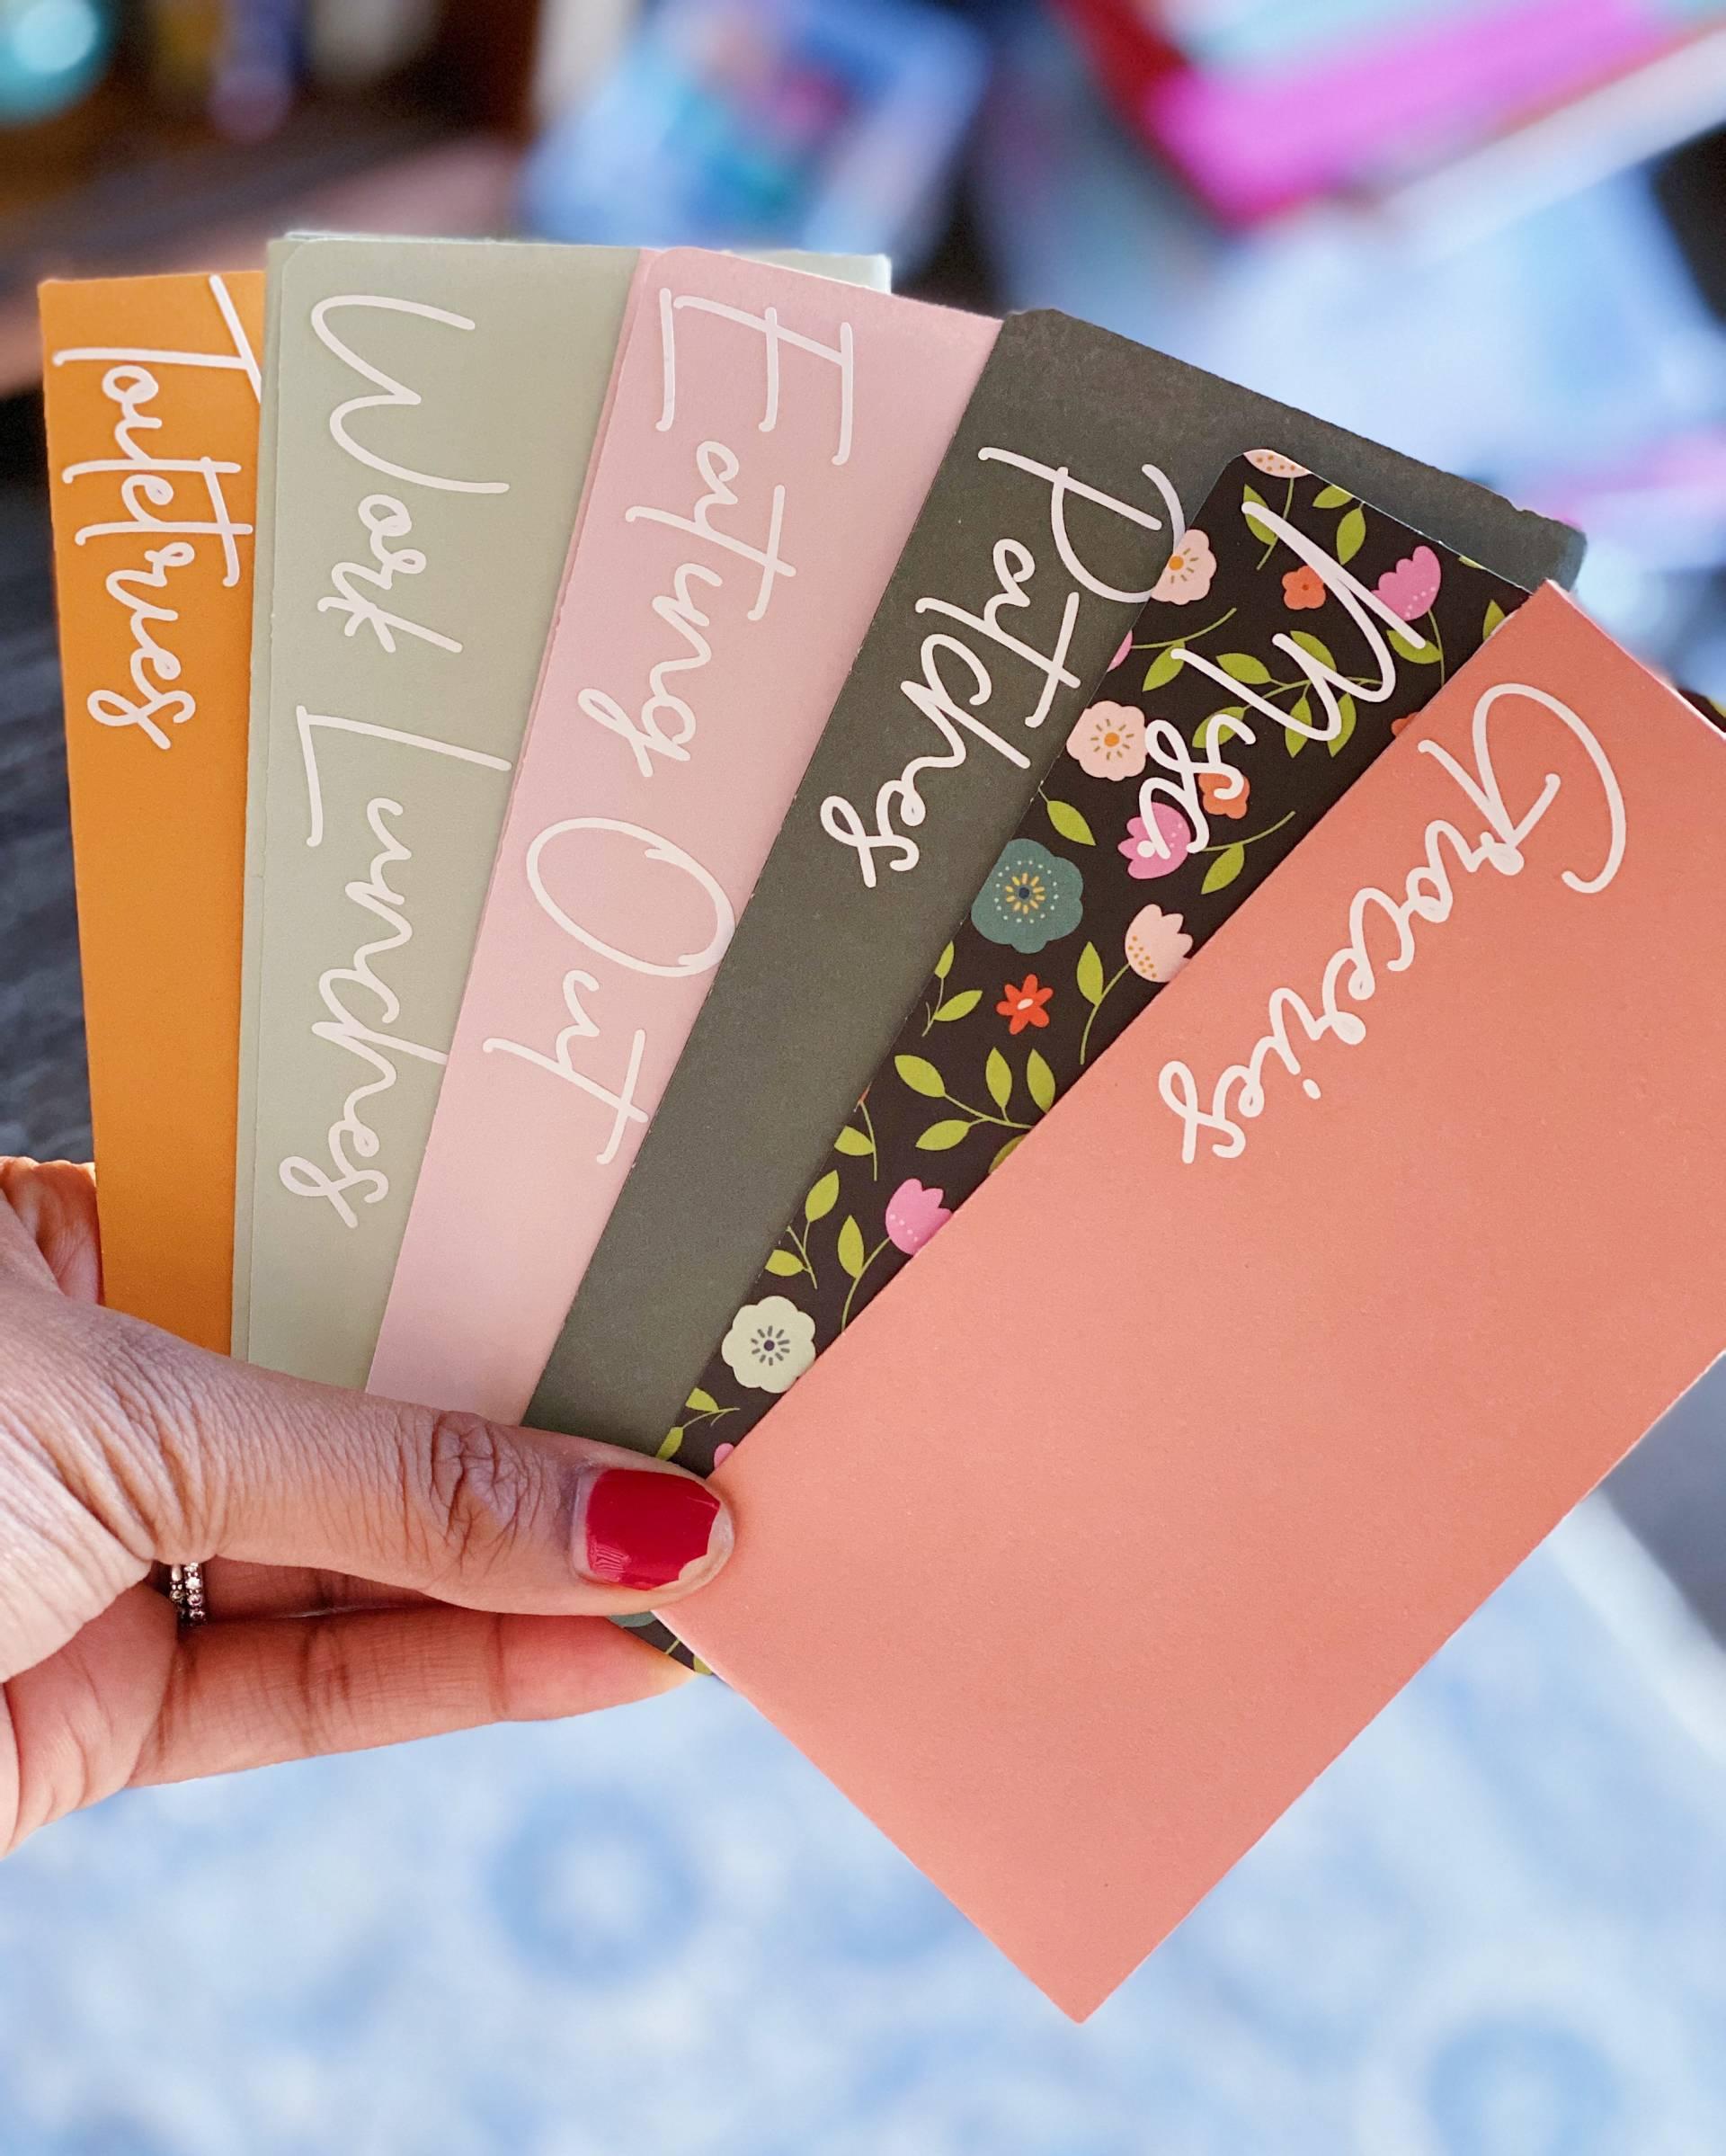 cute cash envelopes for millennials manage cash flow budget 2020